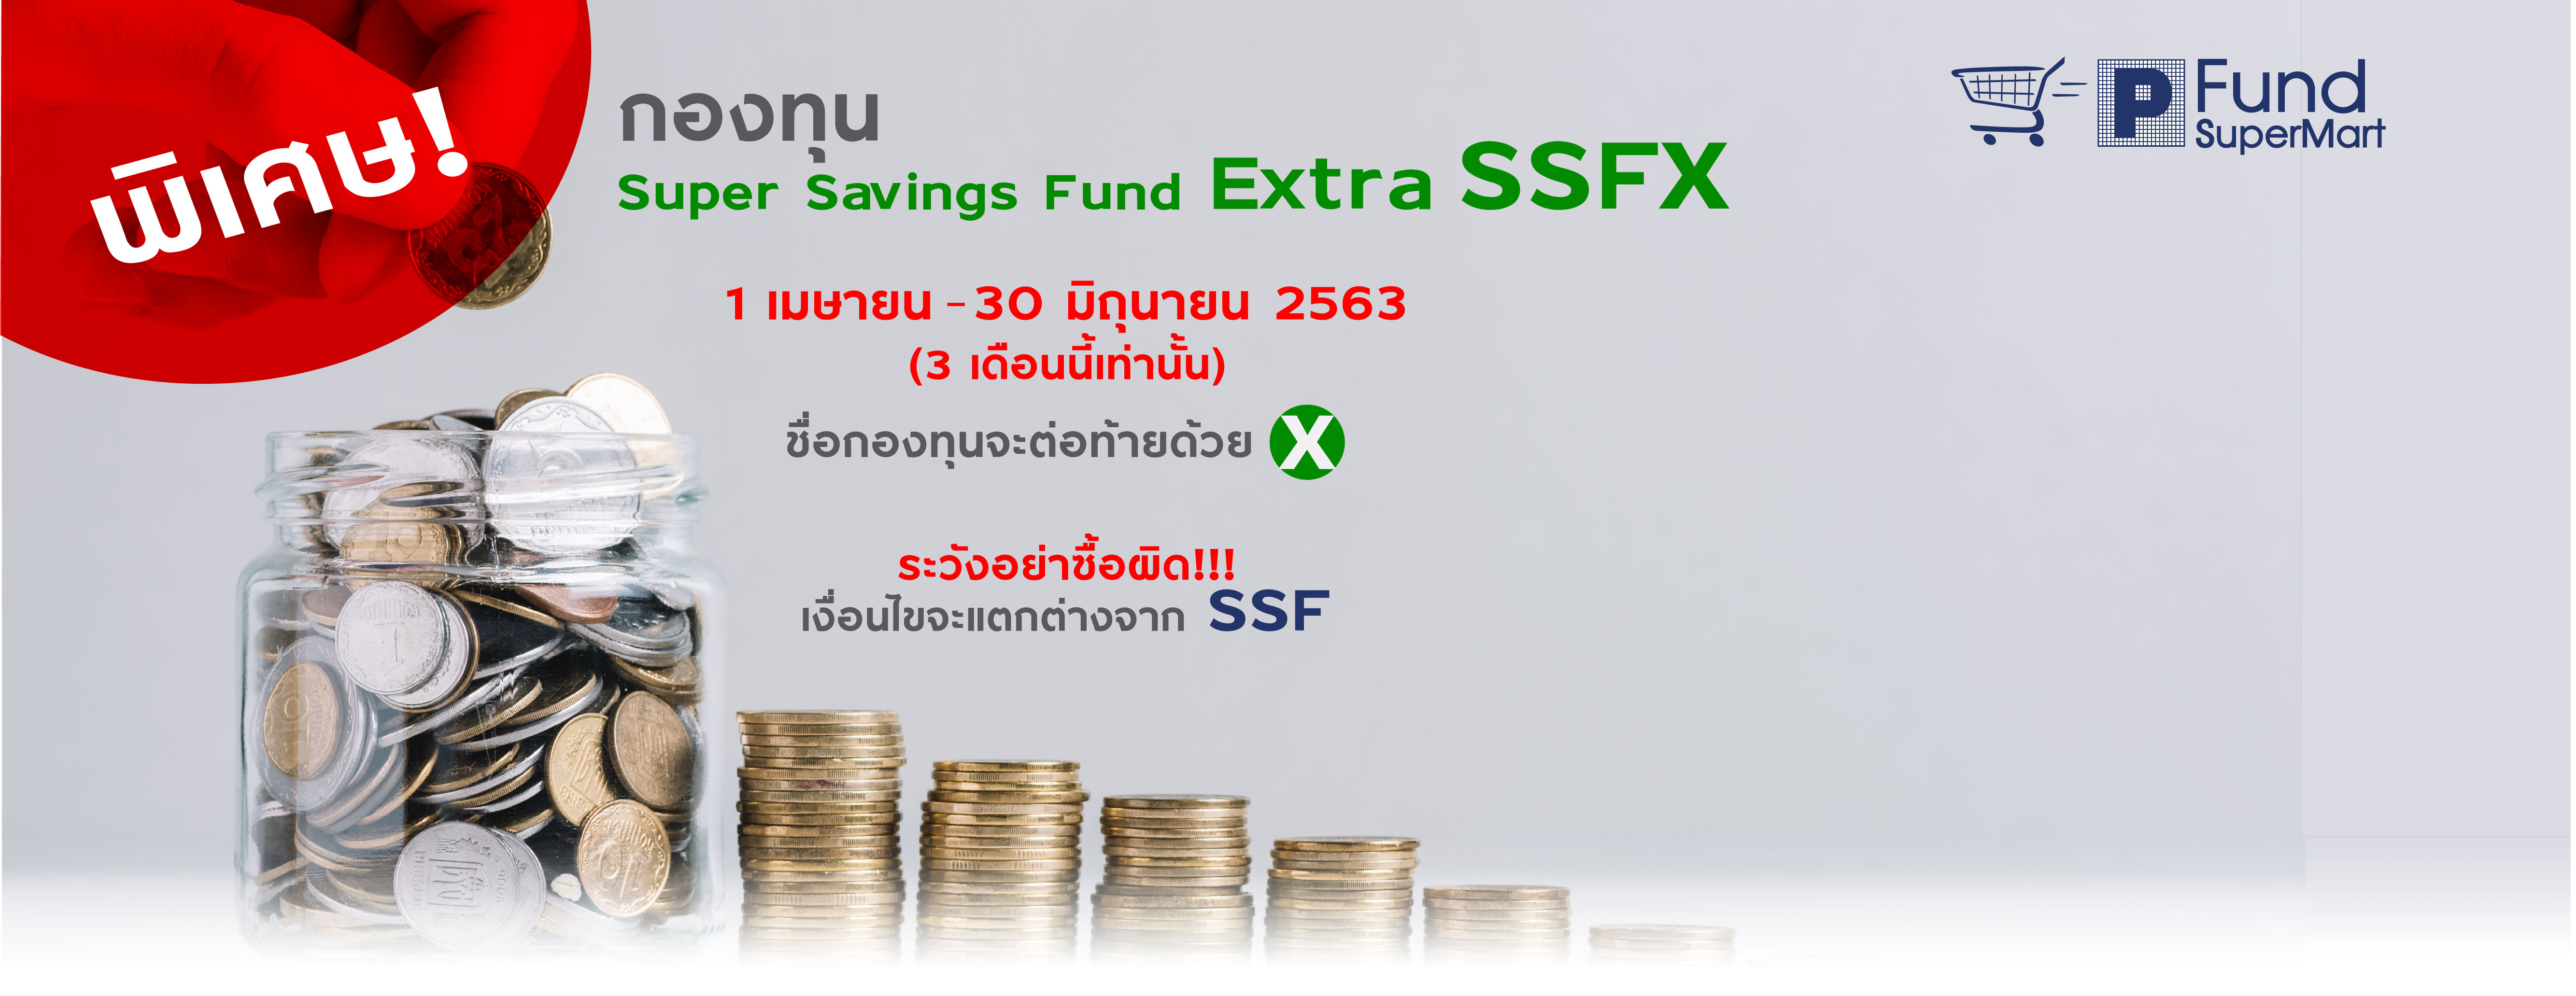 กองทุนรวมเพื่อการออมพิเศษ (SSFX)